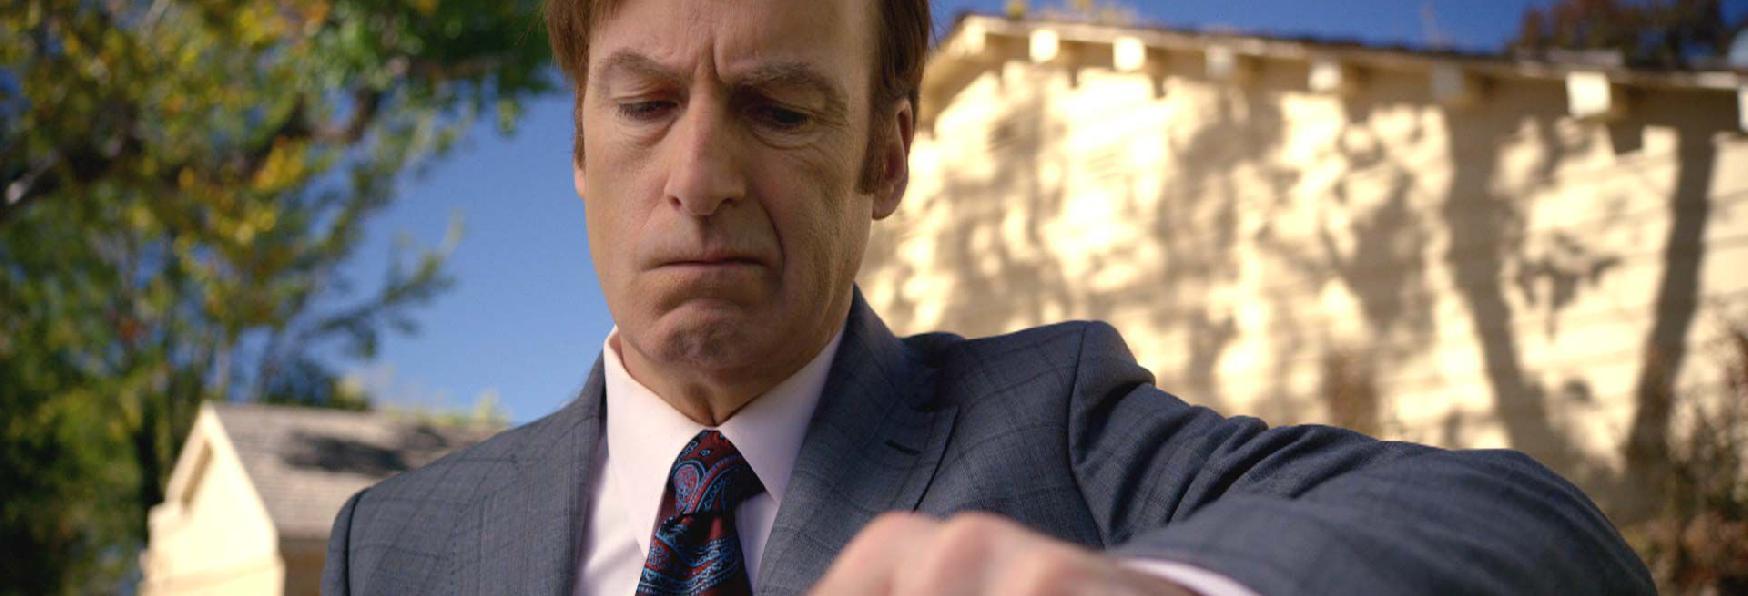 Better Call Saul 5: Quando arriva la Nuova Stagione dello Spin-off?